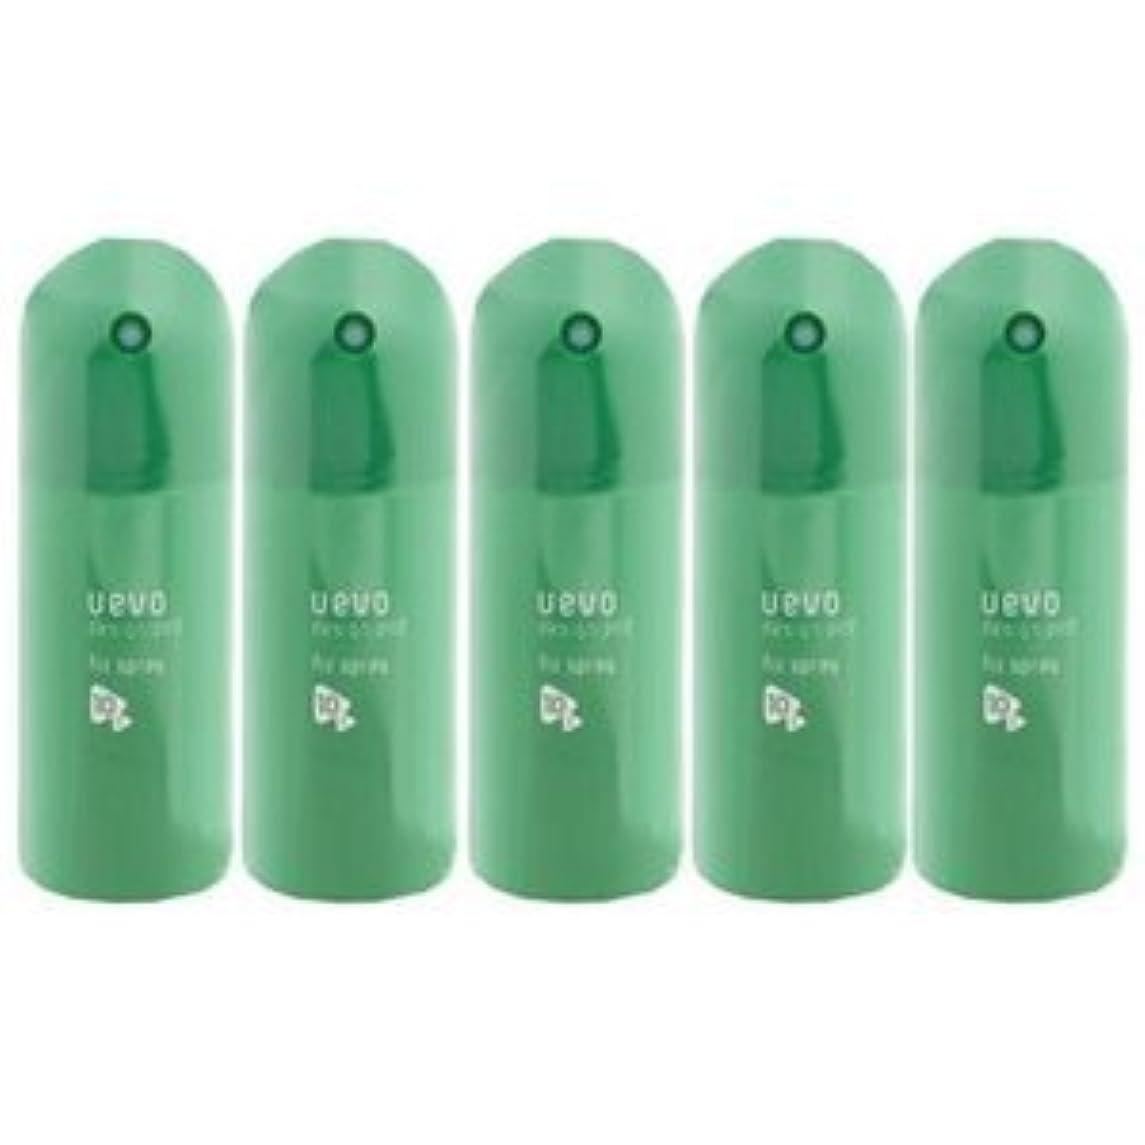 事前に結果として小間【X5個セット】 デミ ウェーボ デザインポッド フィックススプレー 220ml fix spray